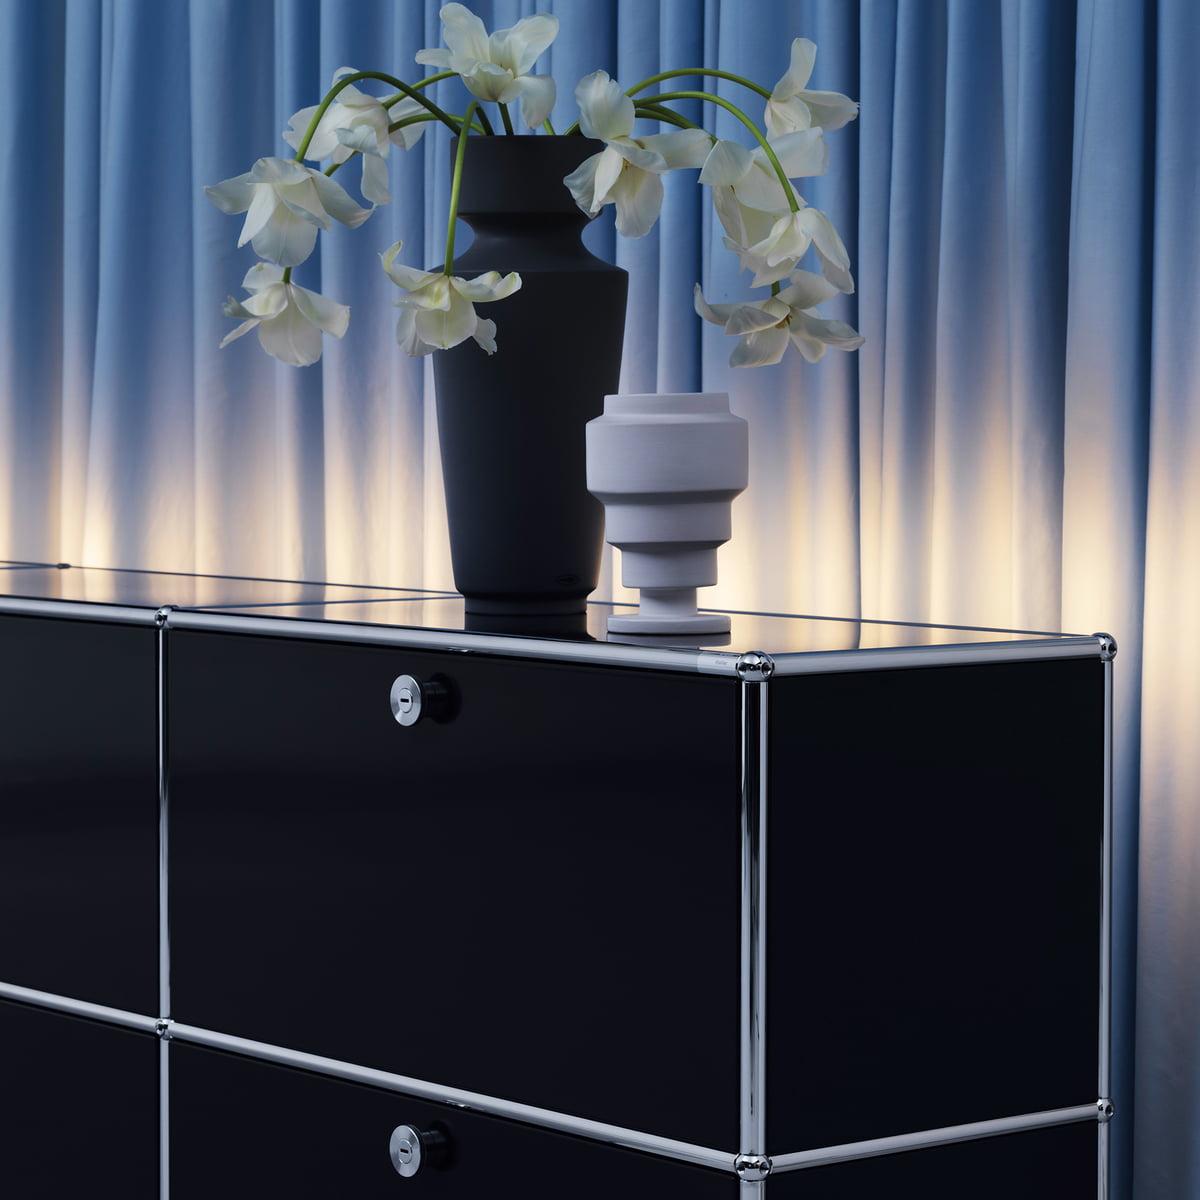 usm haller highboard usm haller highboard m usm haller. Black Bedroom Furniture Sets. Home Design Ideas